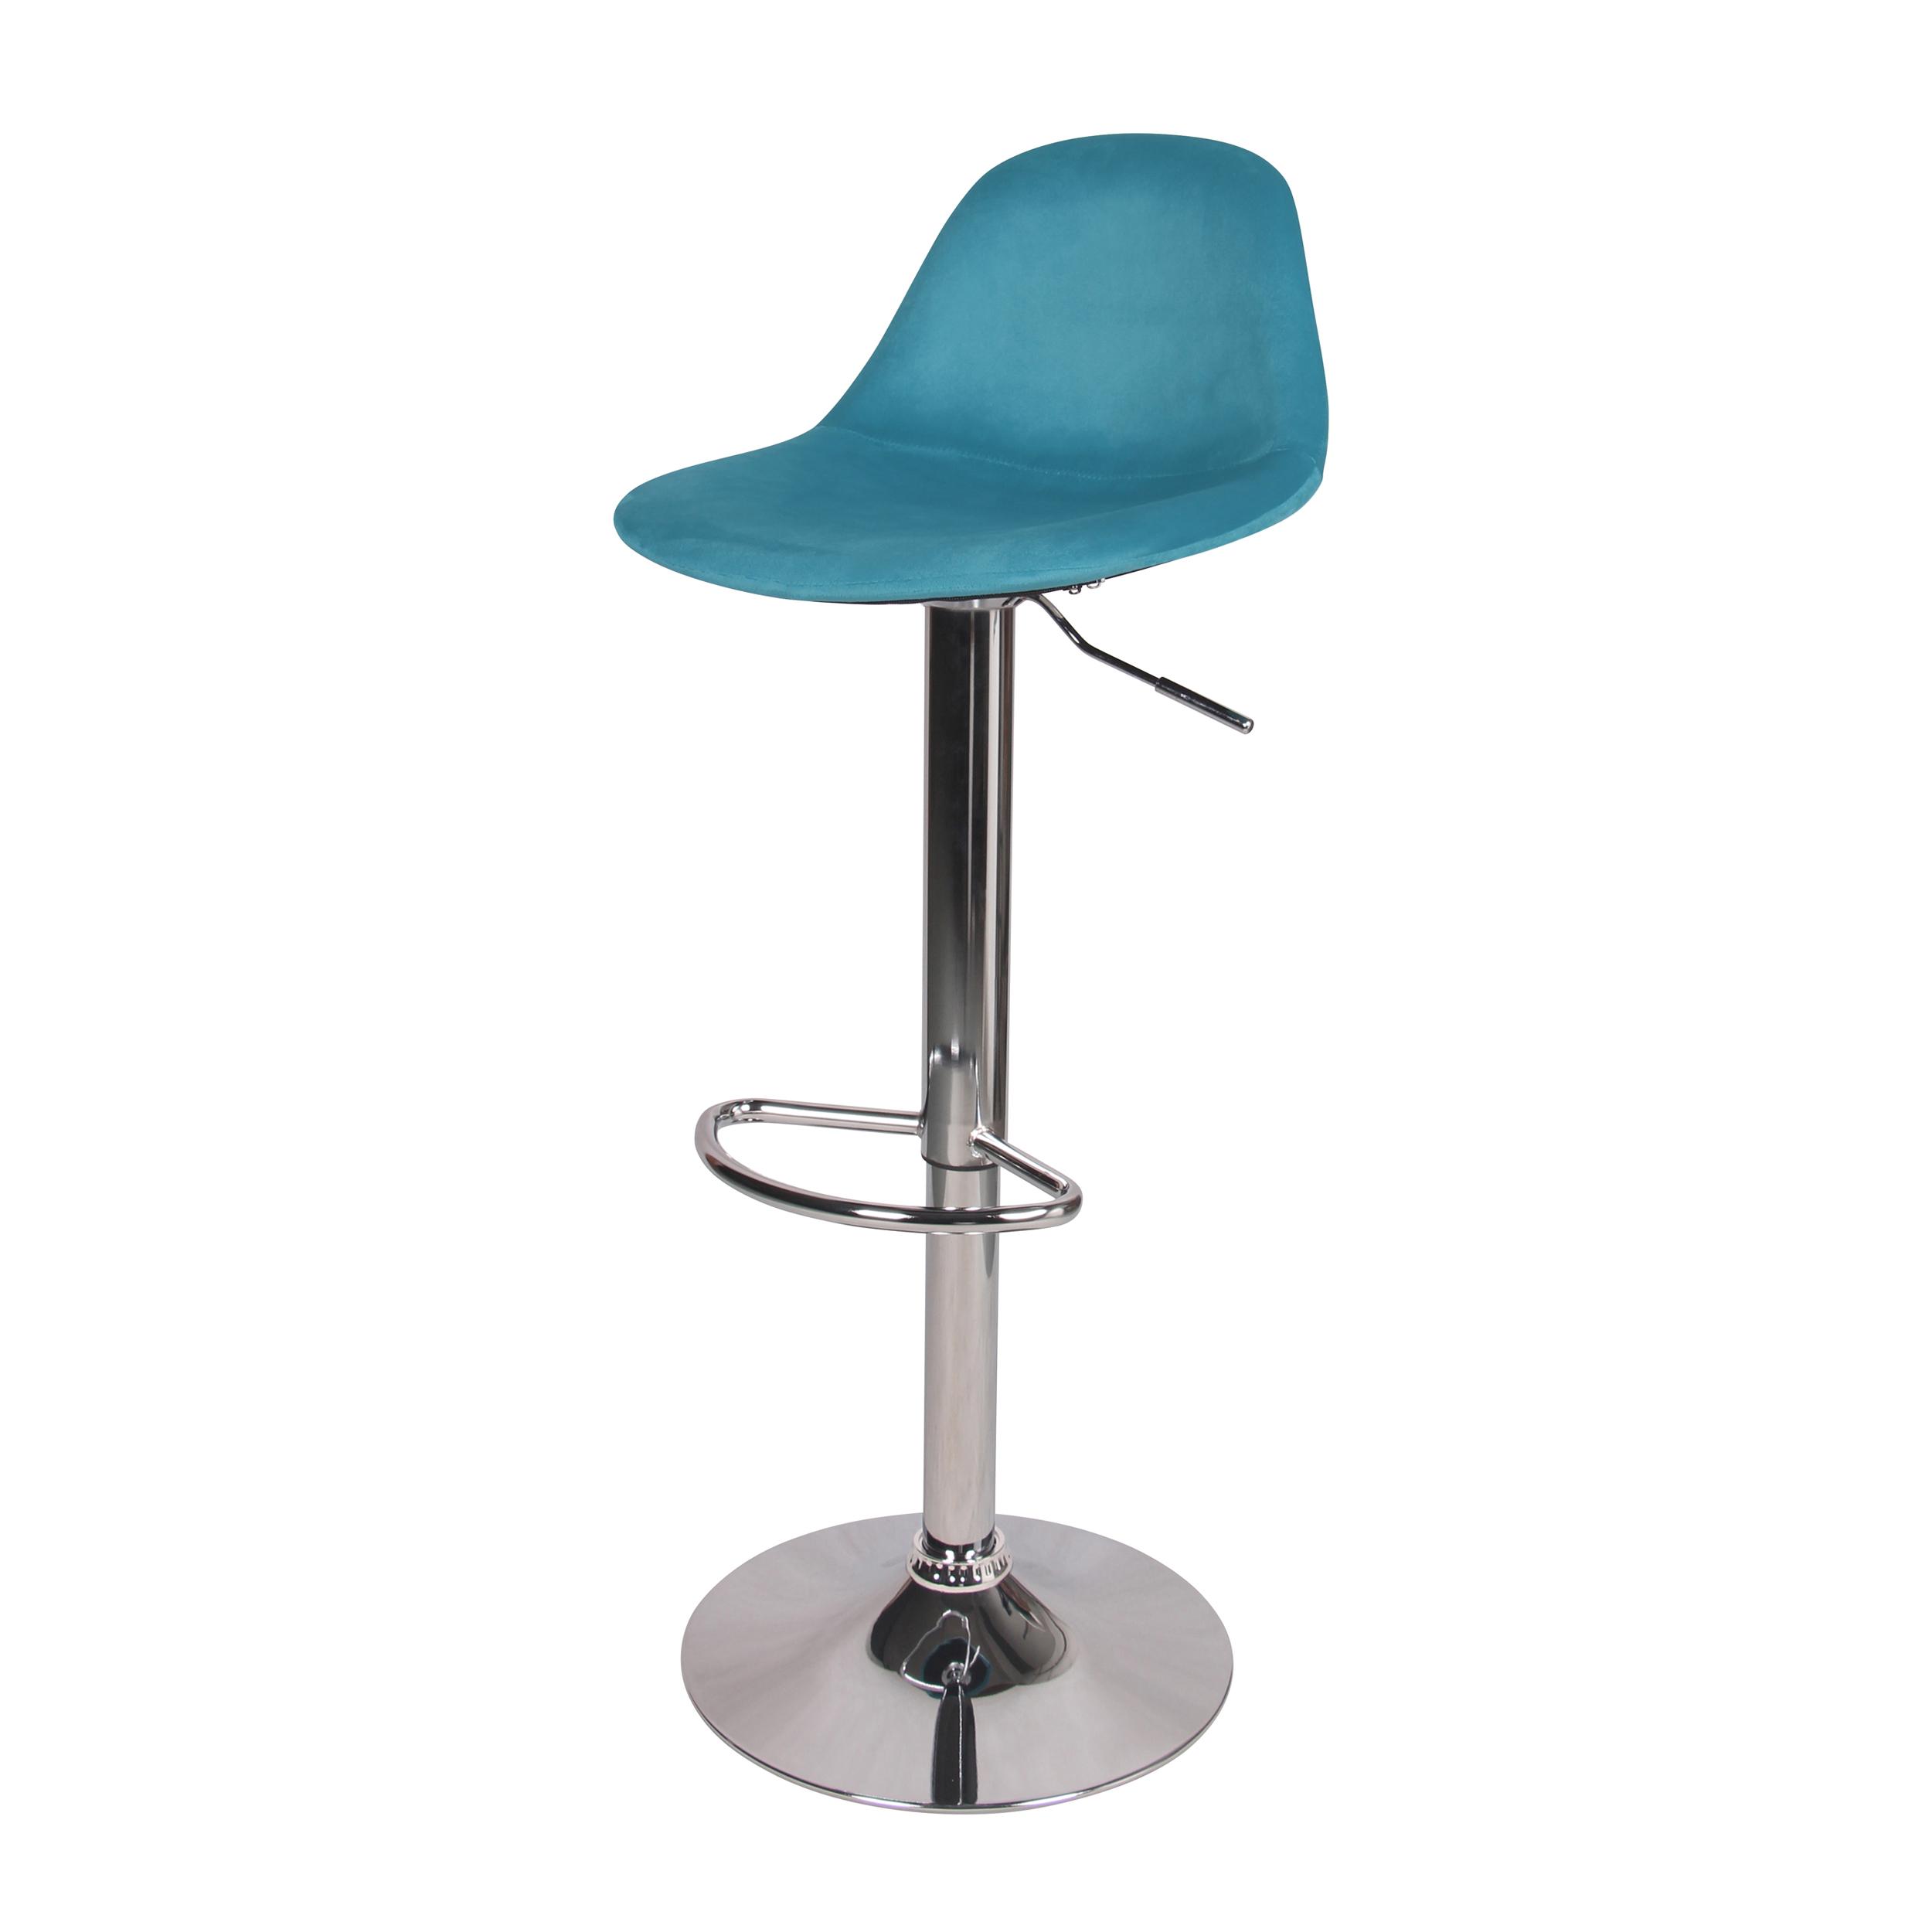 Chaise de bar réglable 60/82 cm en velours bleu paon